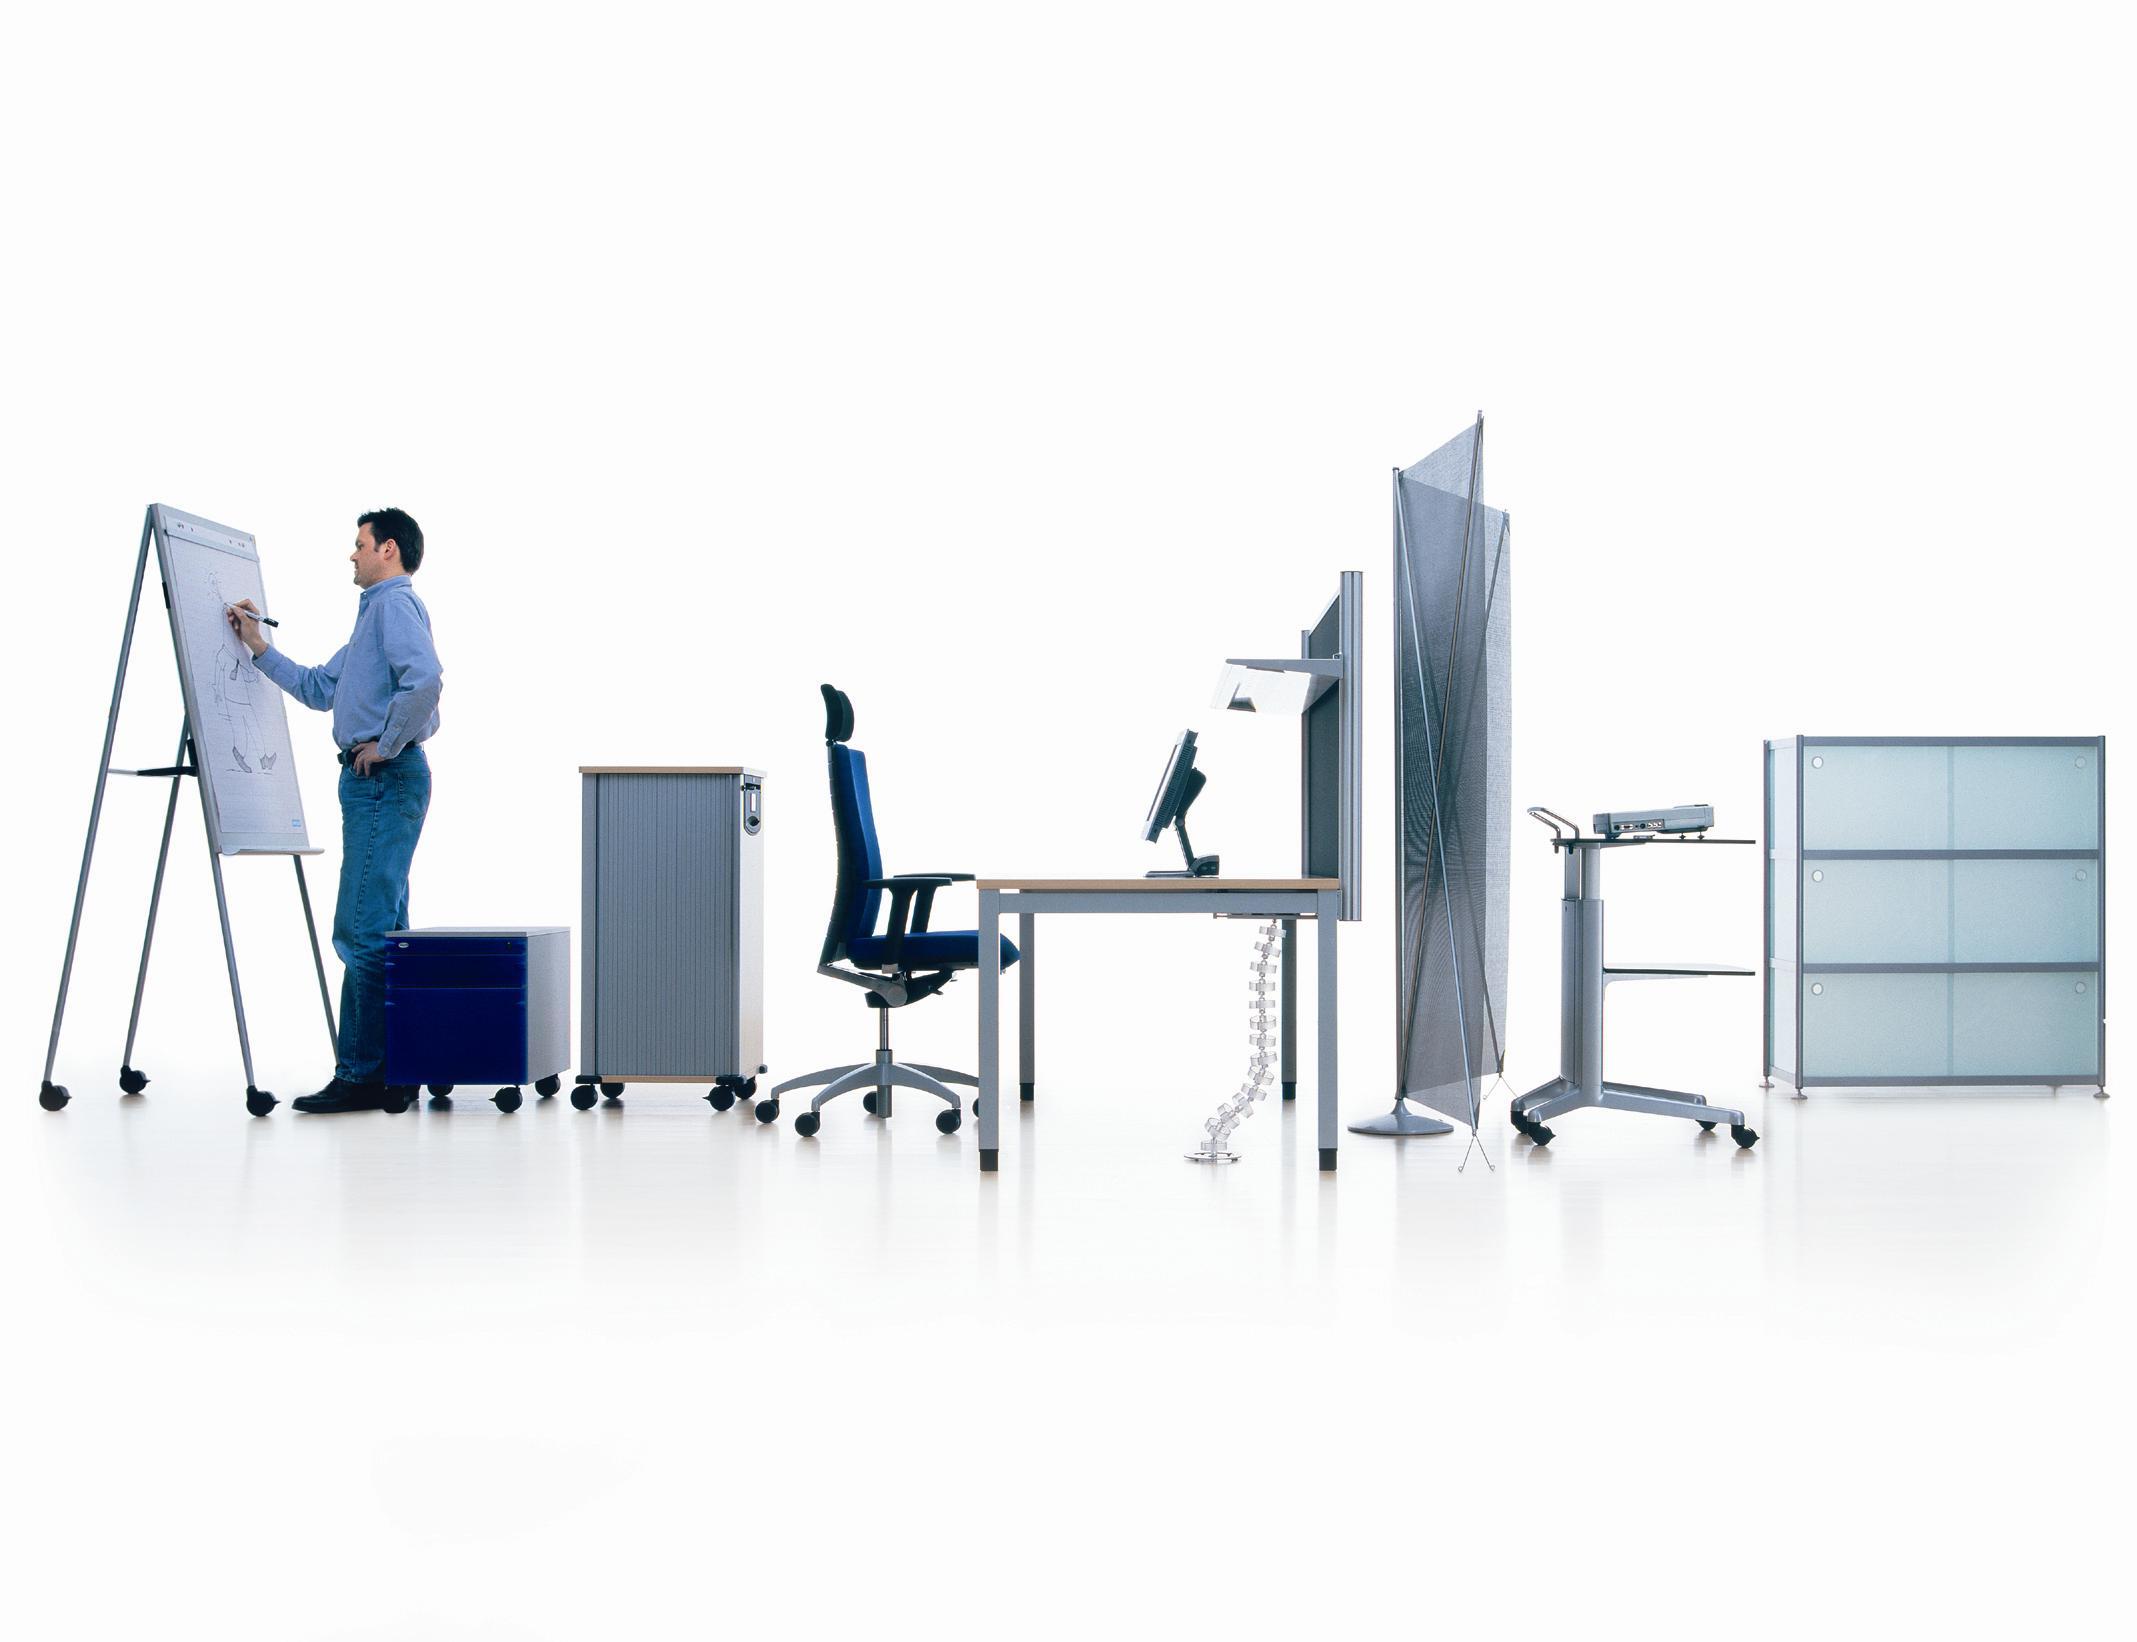 Mudanza de oficina consejos para conseguir que se haga for Mudanza oficina